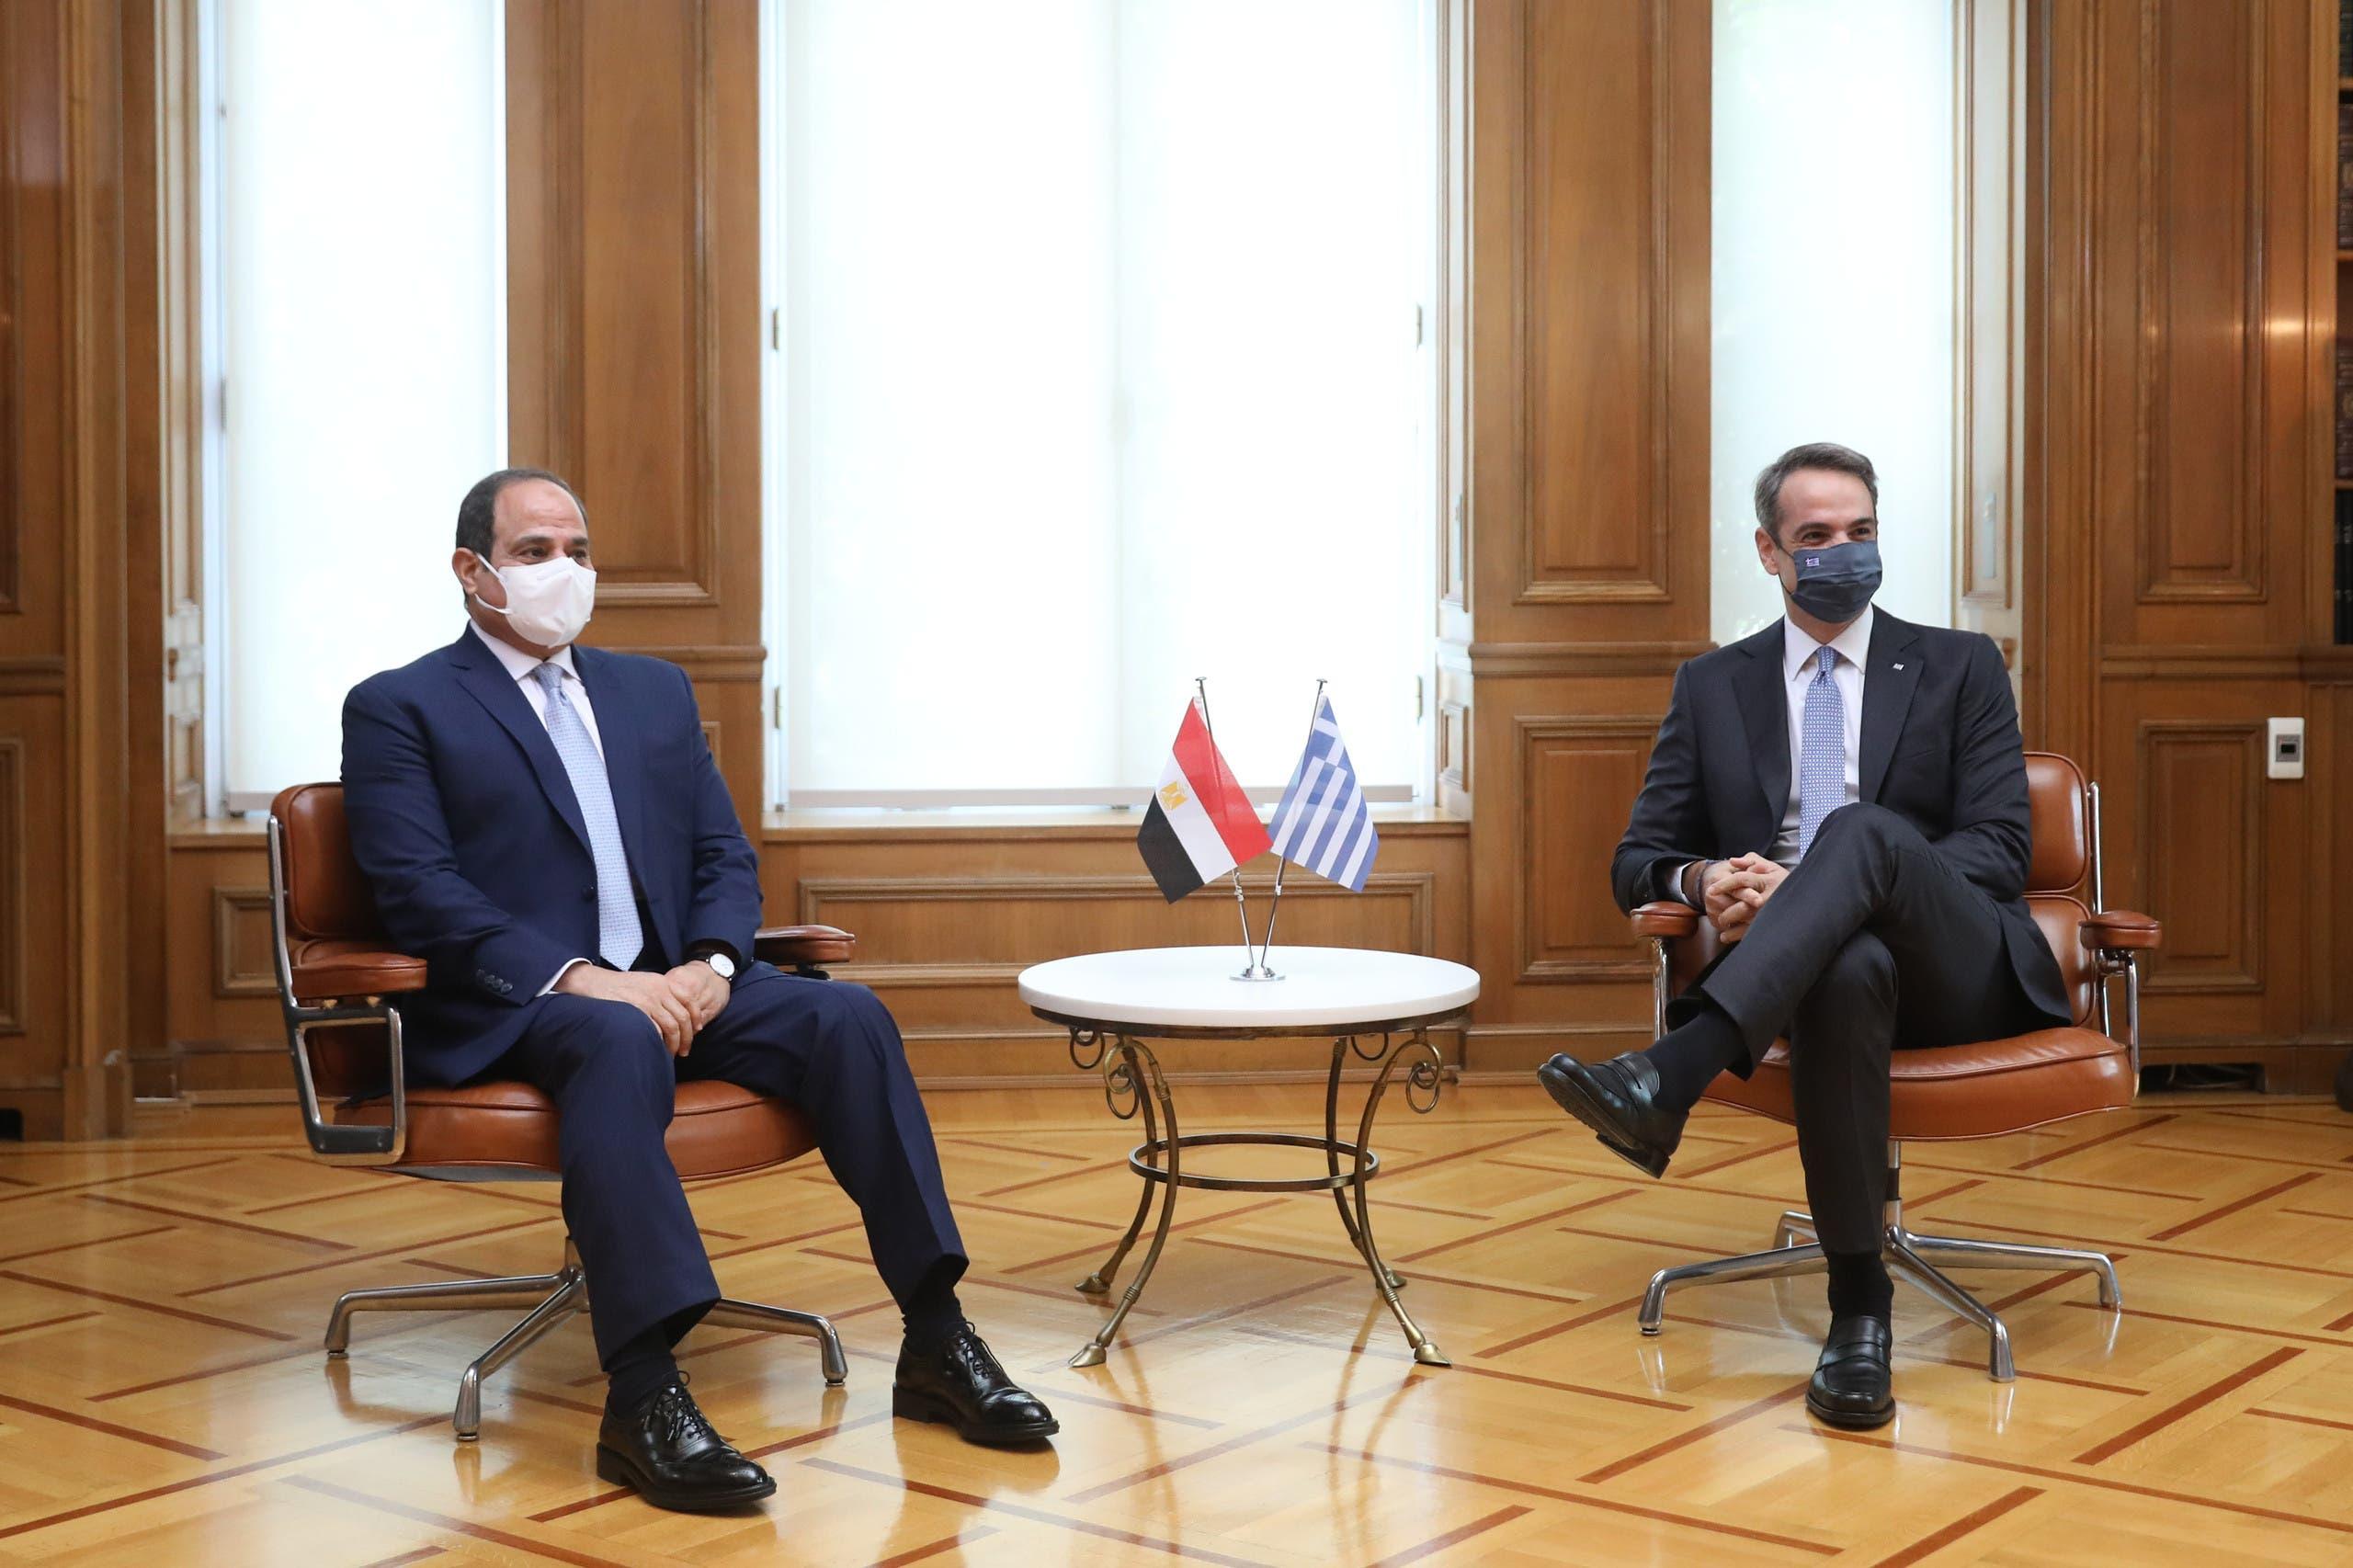 جانب من لقاء رئيس وزراء اليونان والرئيس السيسي